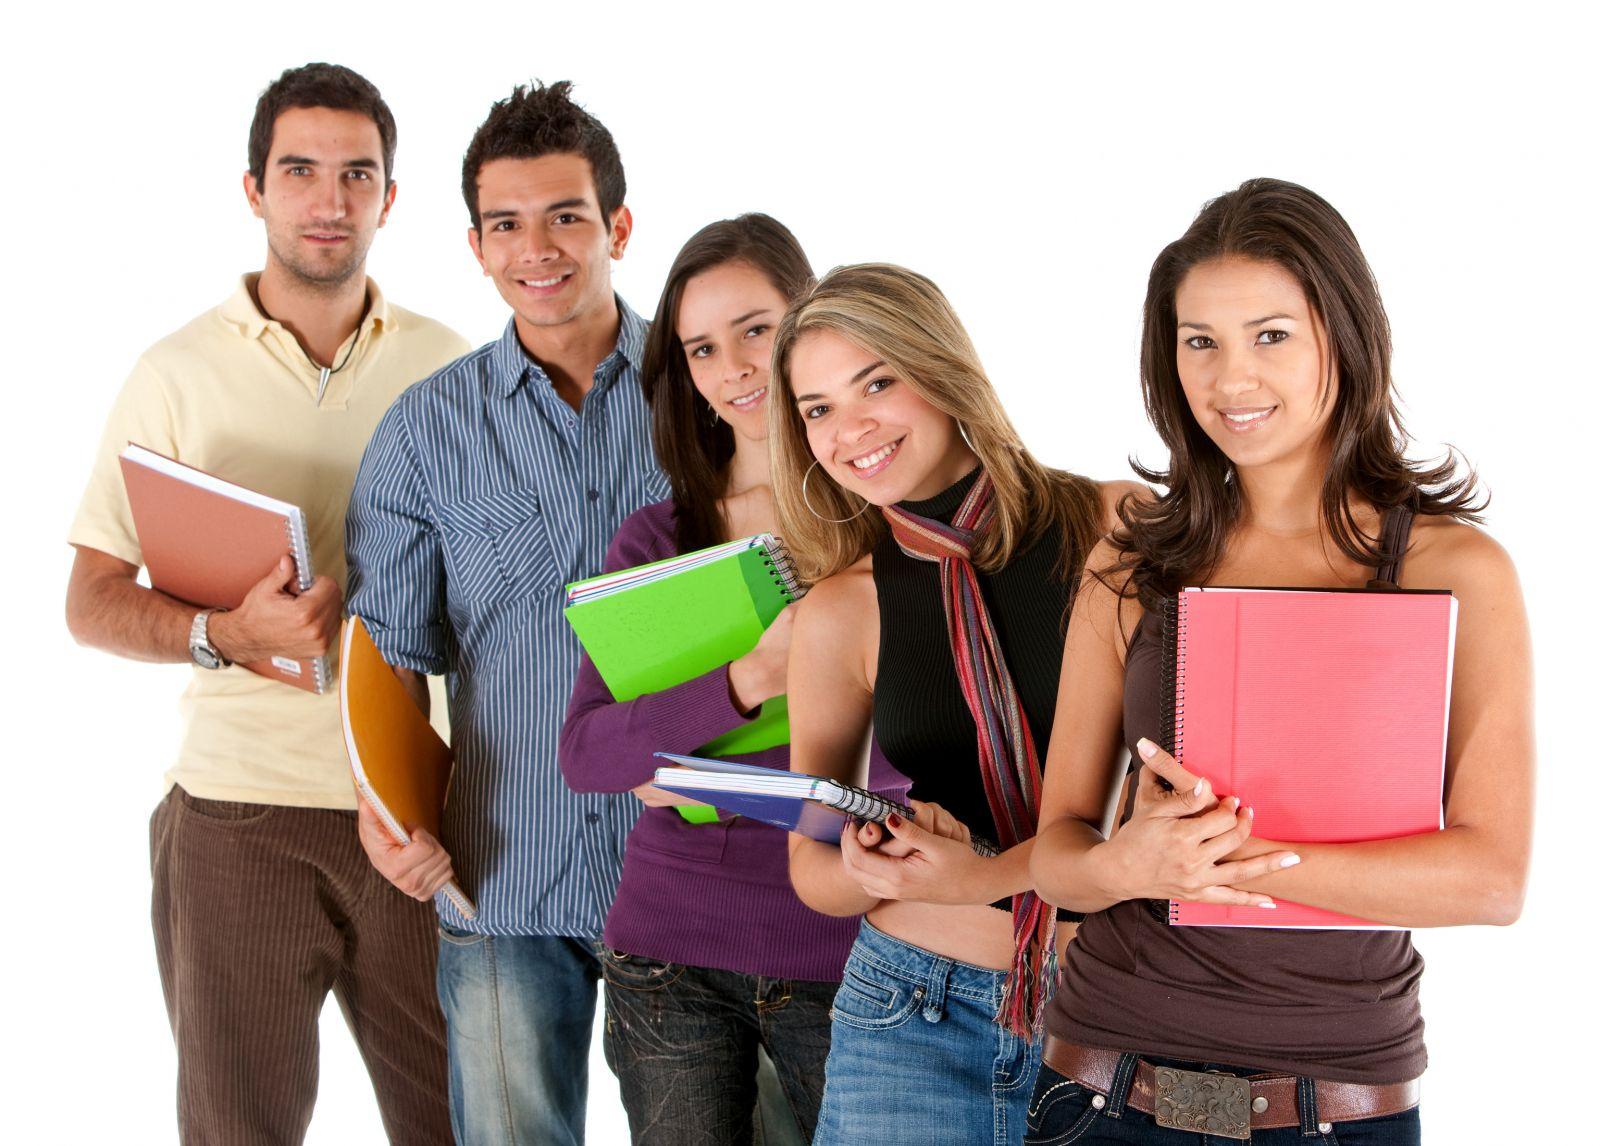 Có mở được trung tâm dạy thêm khi không trong ngành sư phạm?